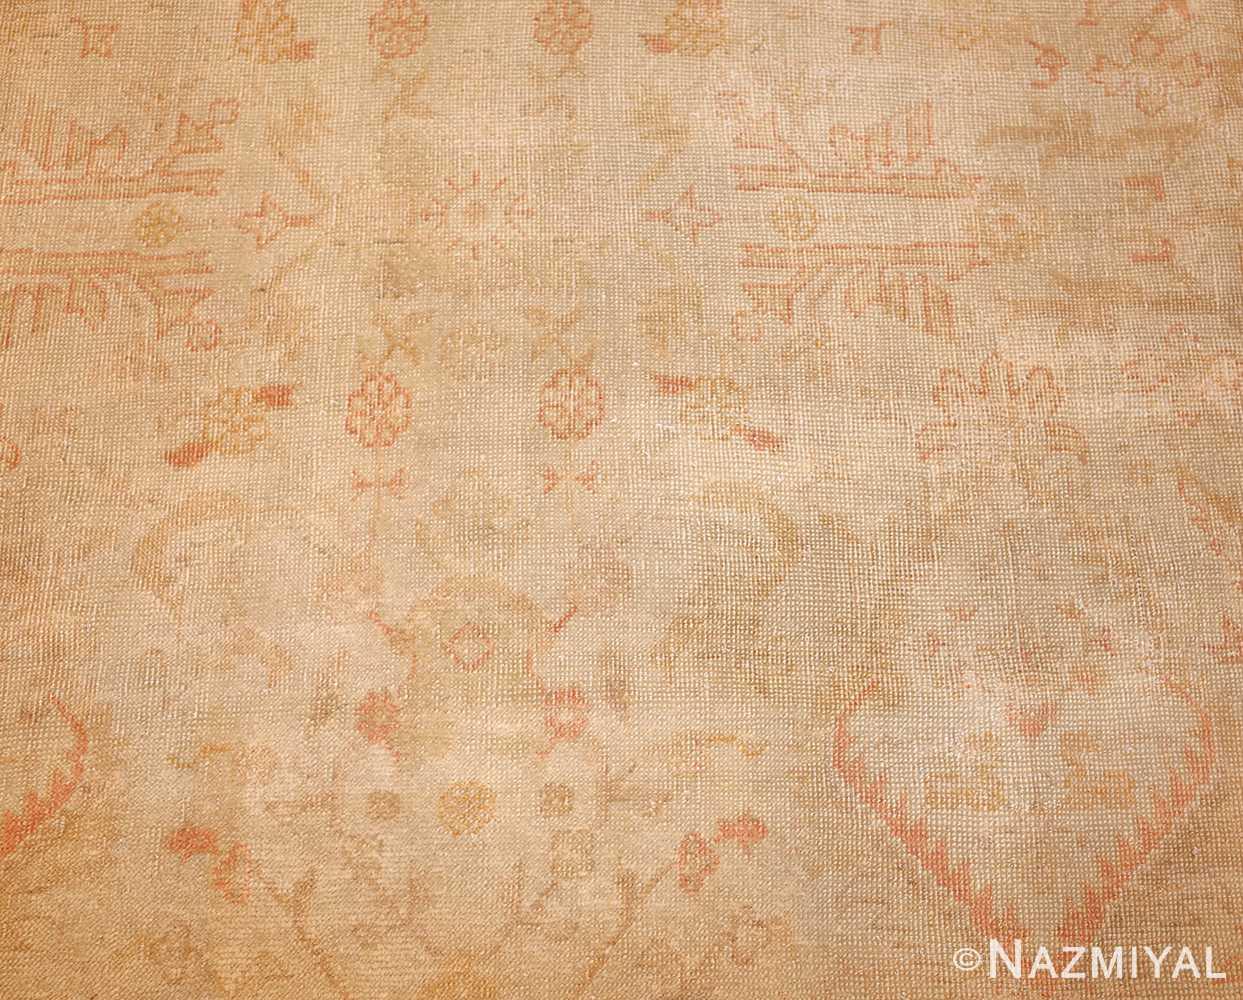 large square size antique decorative turkish oushak rug 48377 detailed Nazmiyal